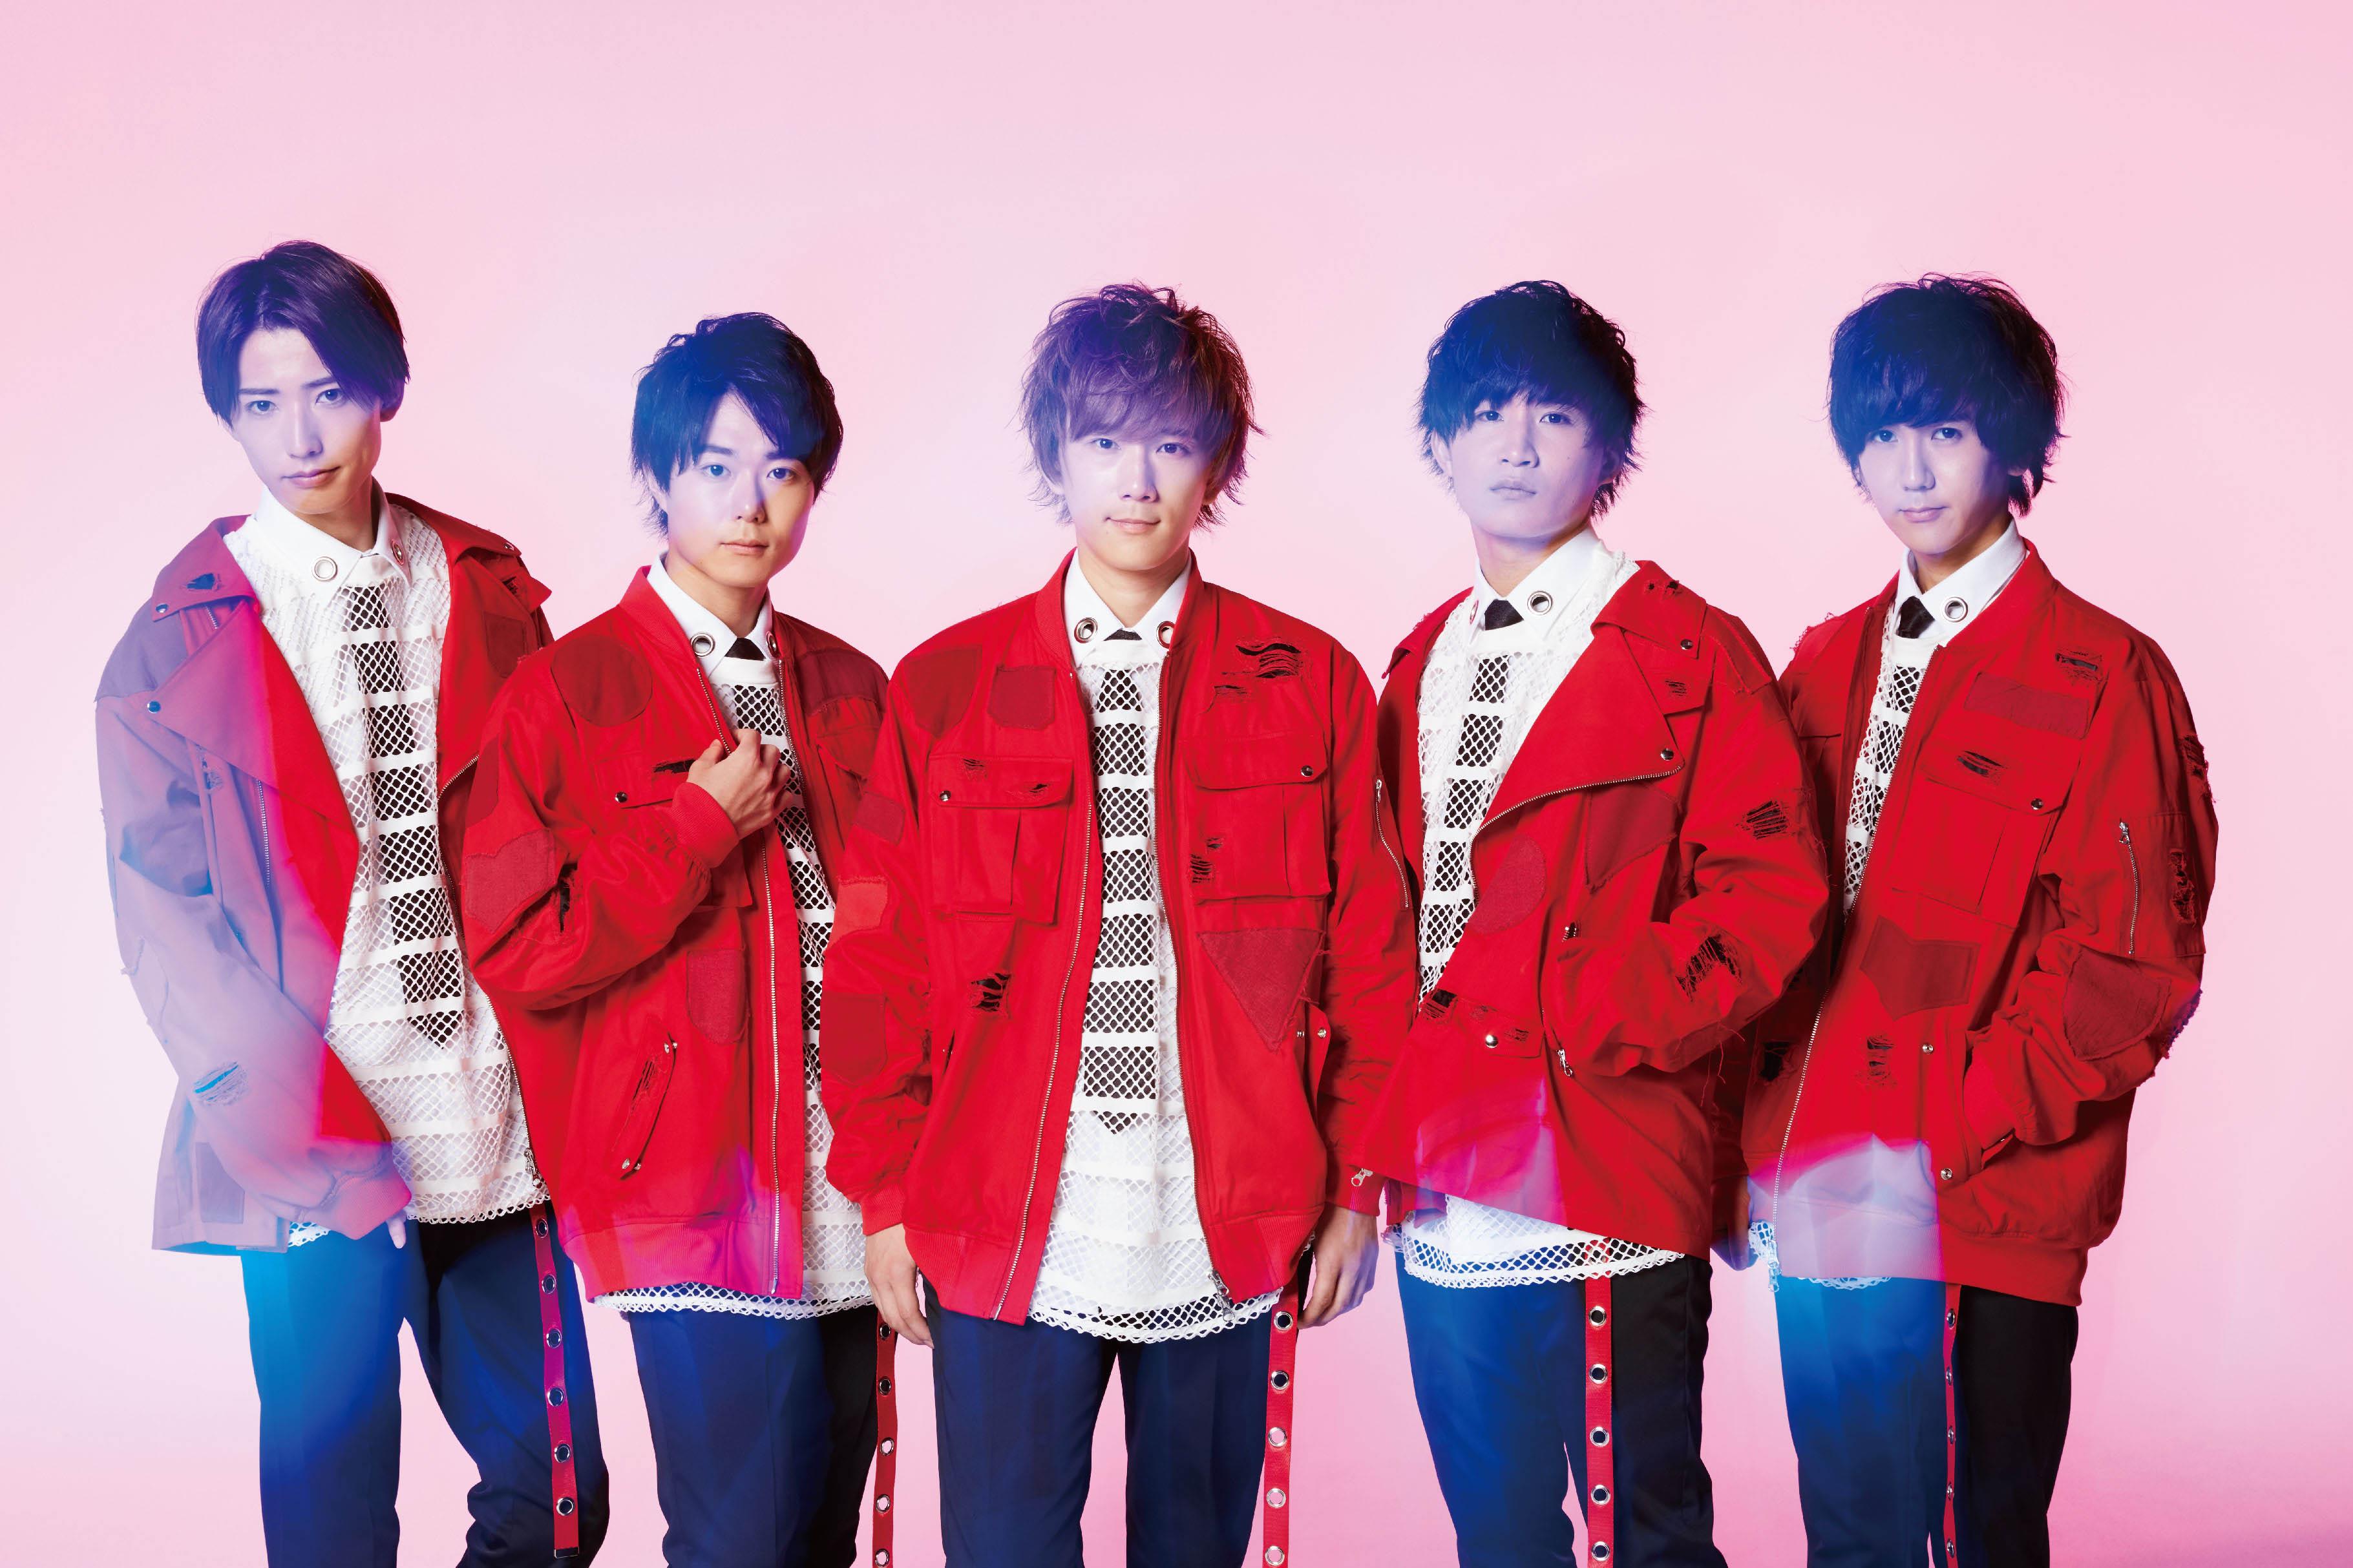 ☆★2月13日(火)HMV&BOOK SHIBUYAにて「CUBERS Valentine LIVE2018&特典会」の開催が決定!☆★